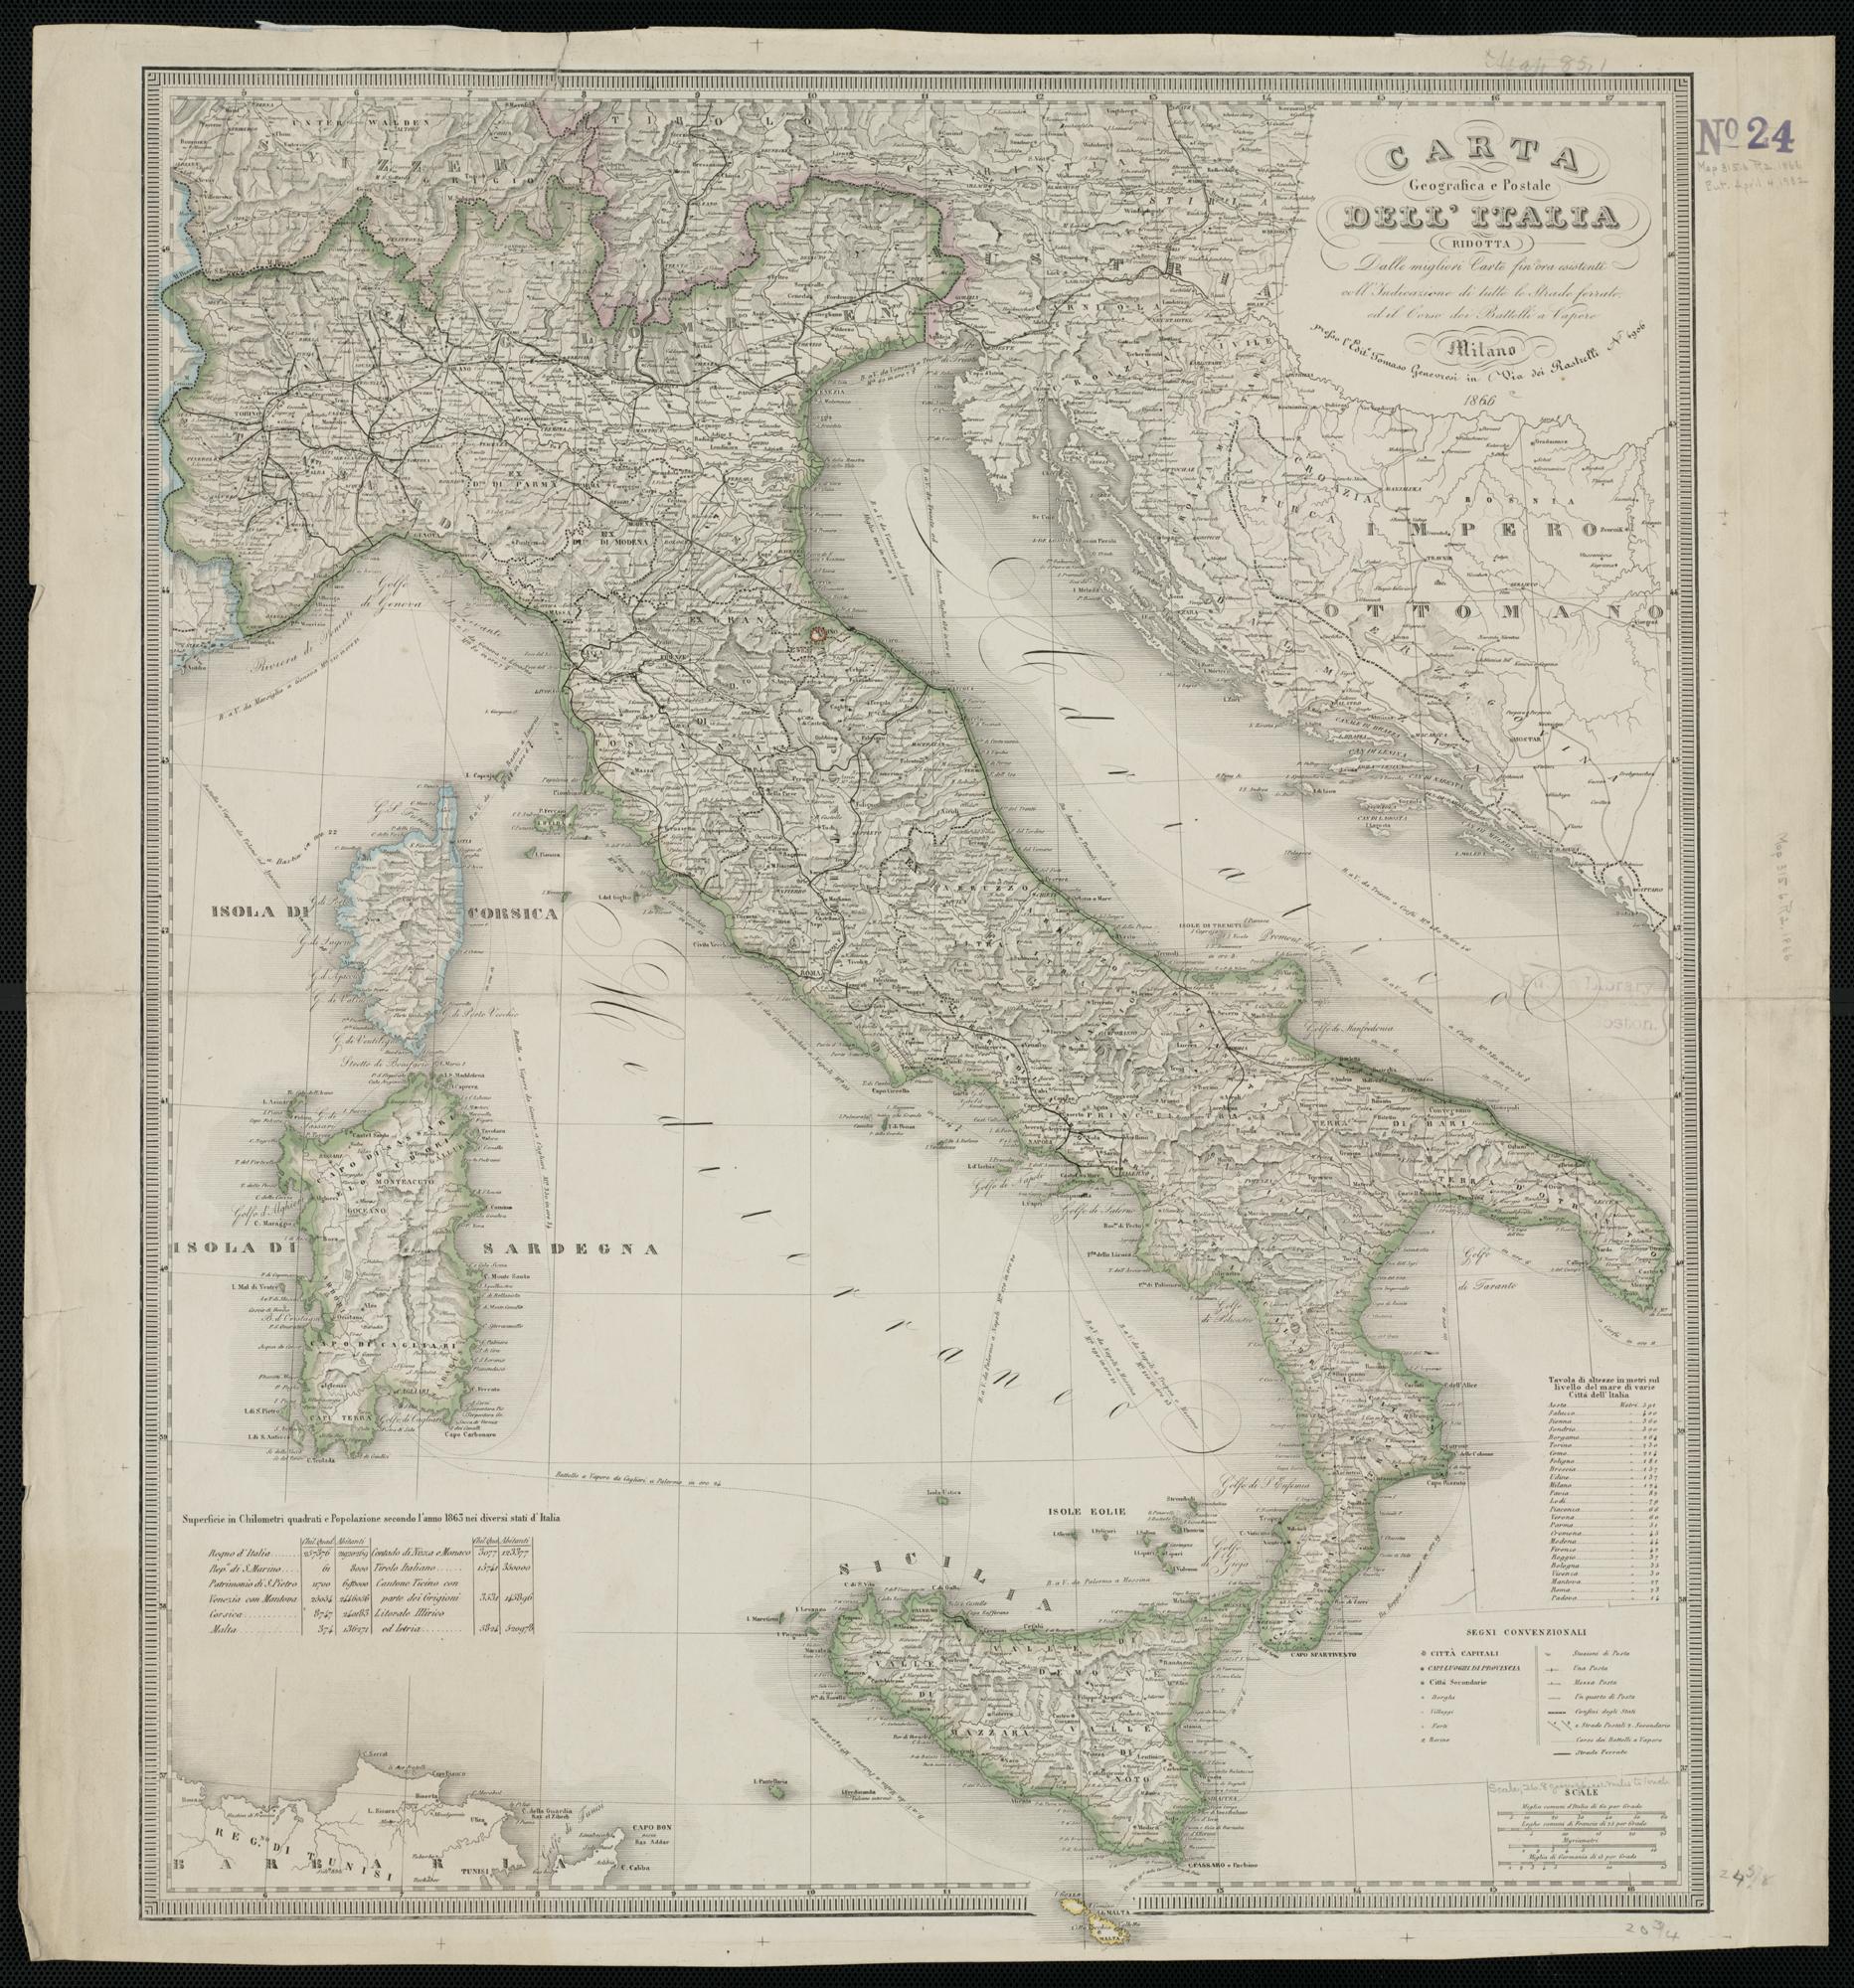 Cartina Geografica Italia Hd.File Carta Geografica E Postale Dell Italia Ridotta Dalle Migliori Carte Fin Ora Esistenti Coll 2674793655 Jpg Wikimedia Commons